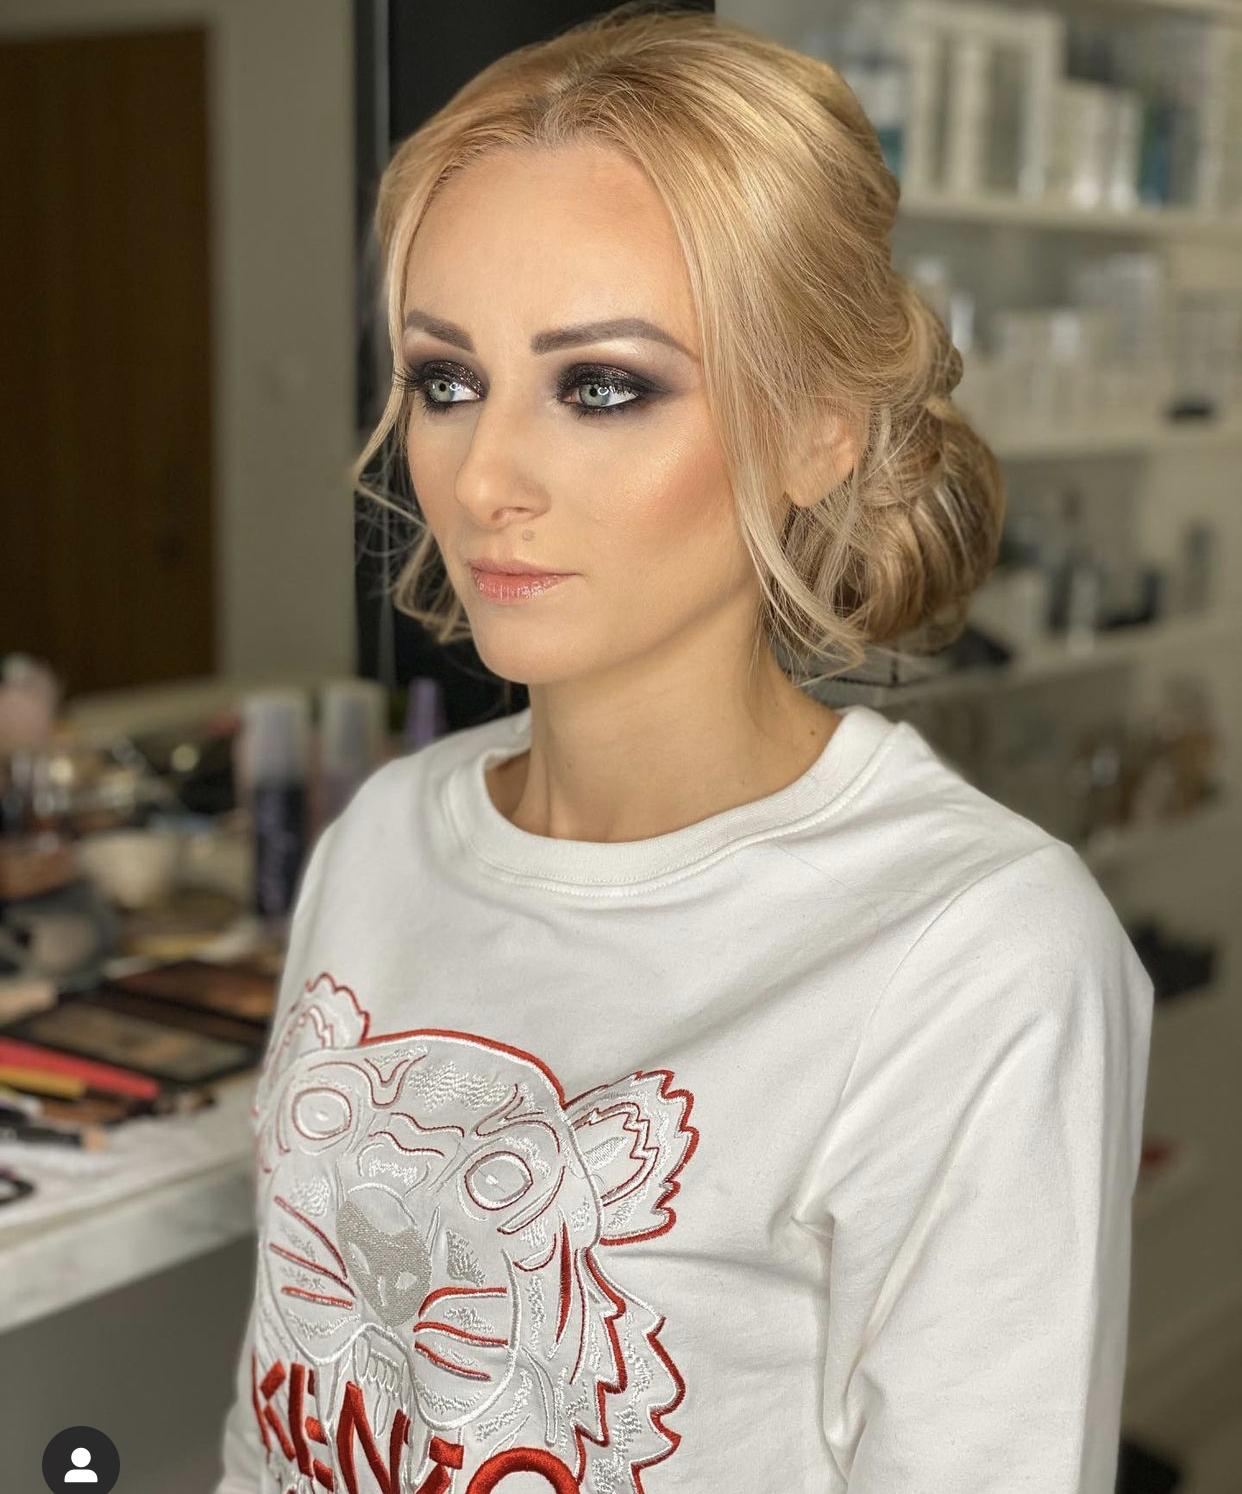 Makeup klientky ✨ - Obrázok č. 2